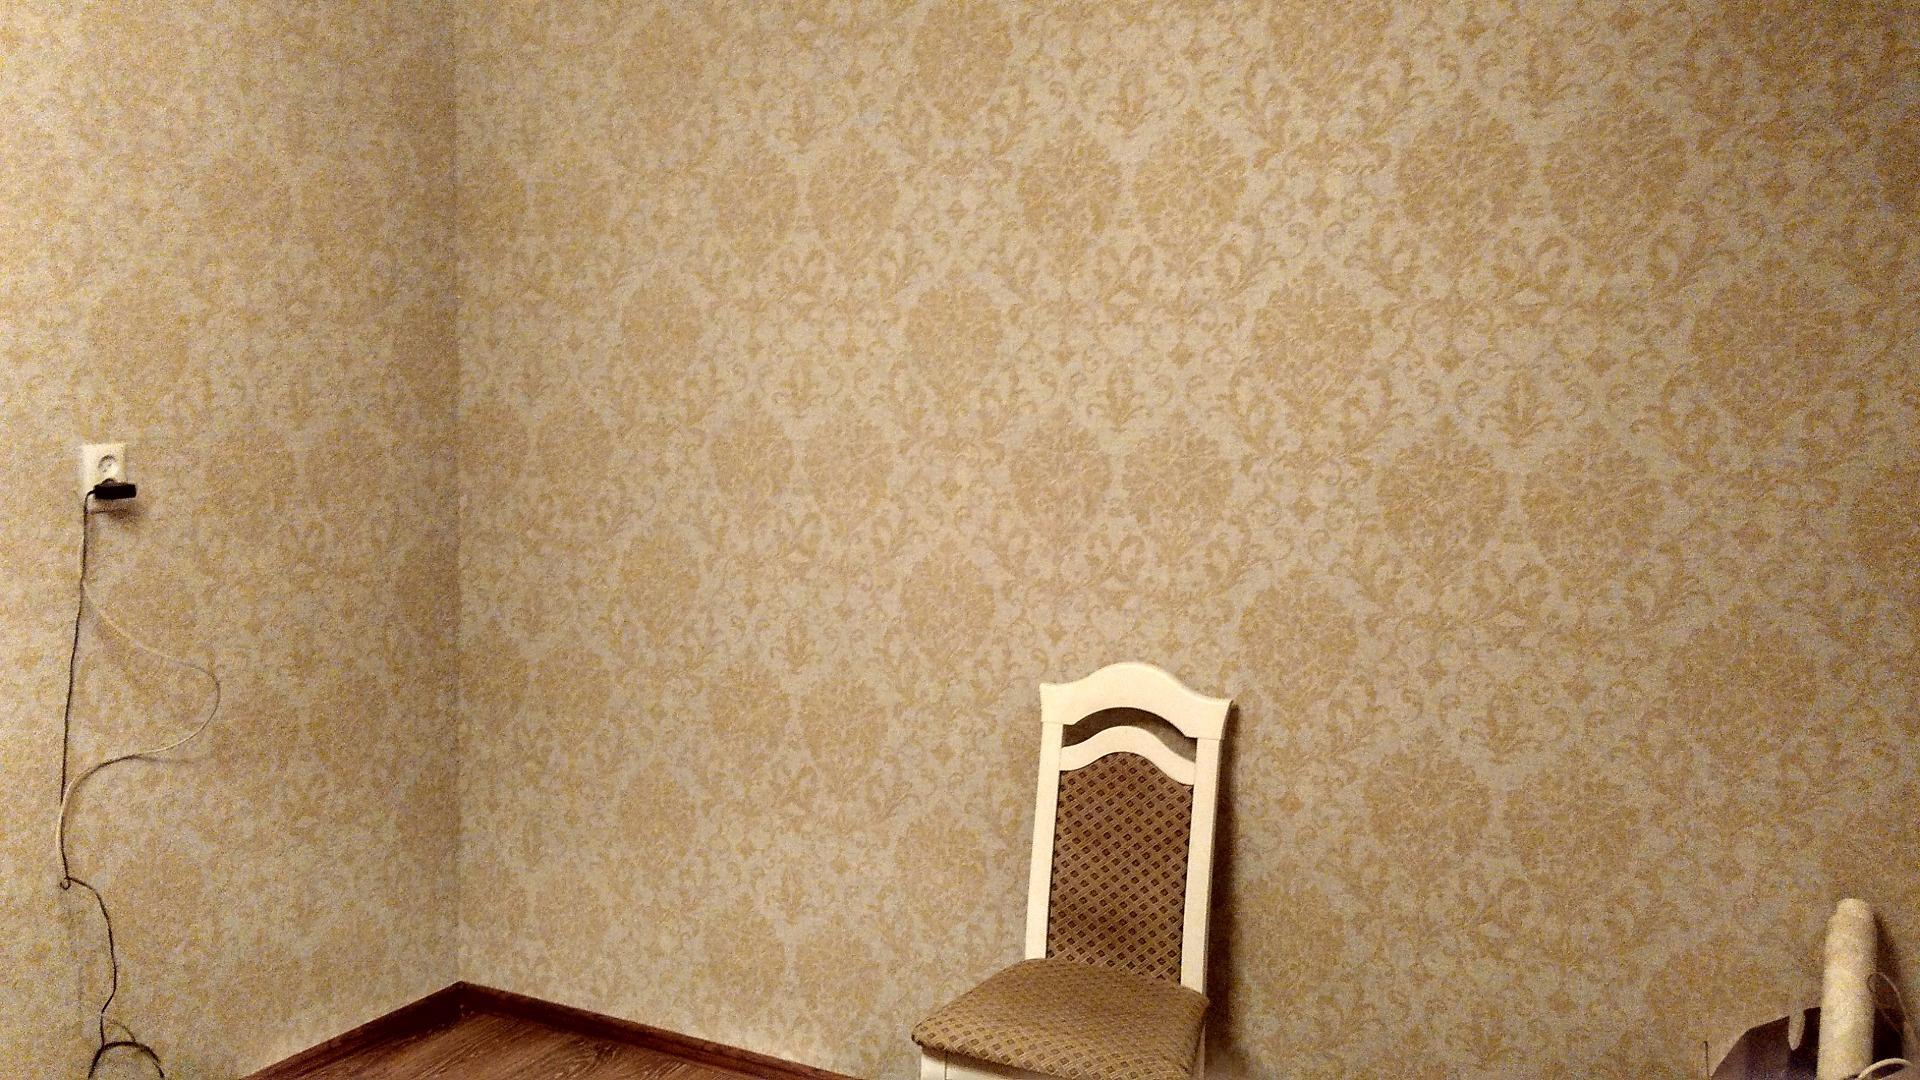 Продается 2-комнатная квартира на ул. Грушевского Михаила (Братьев Ачкановых) — 46 000 у.е. (фото №12)